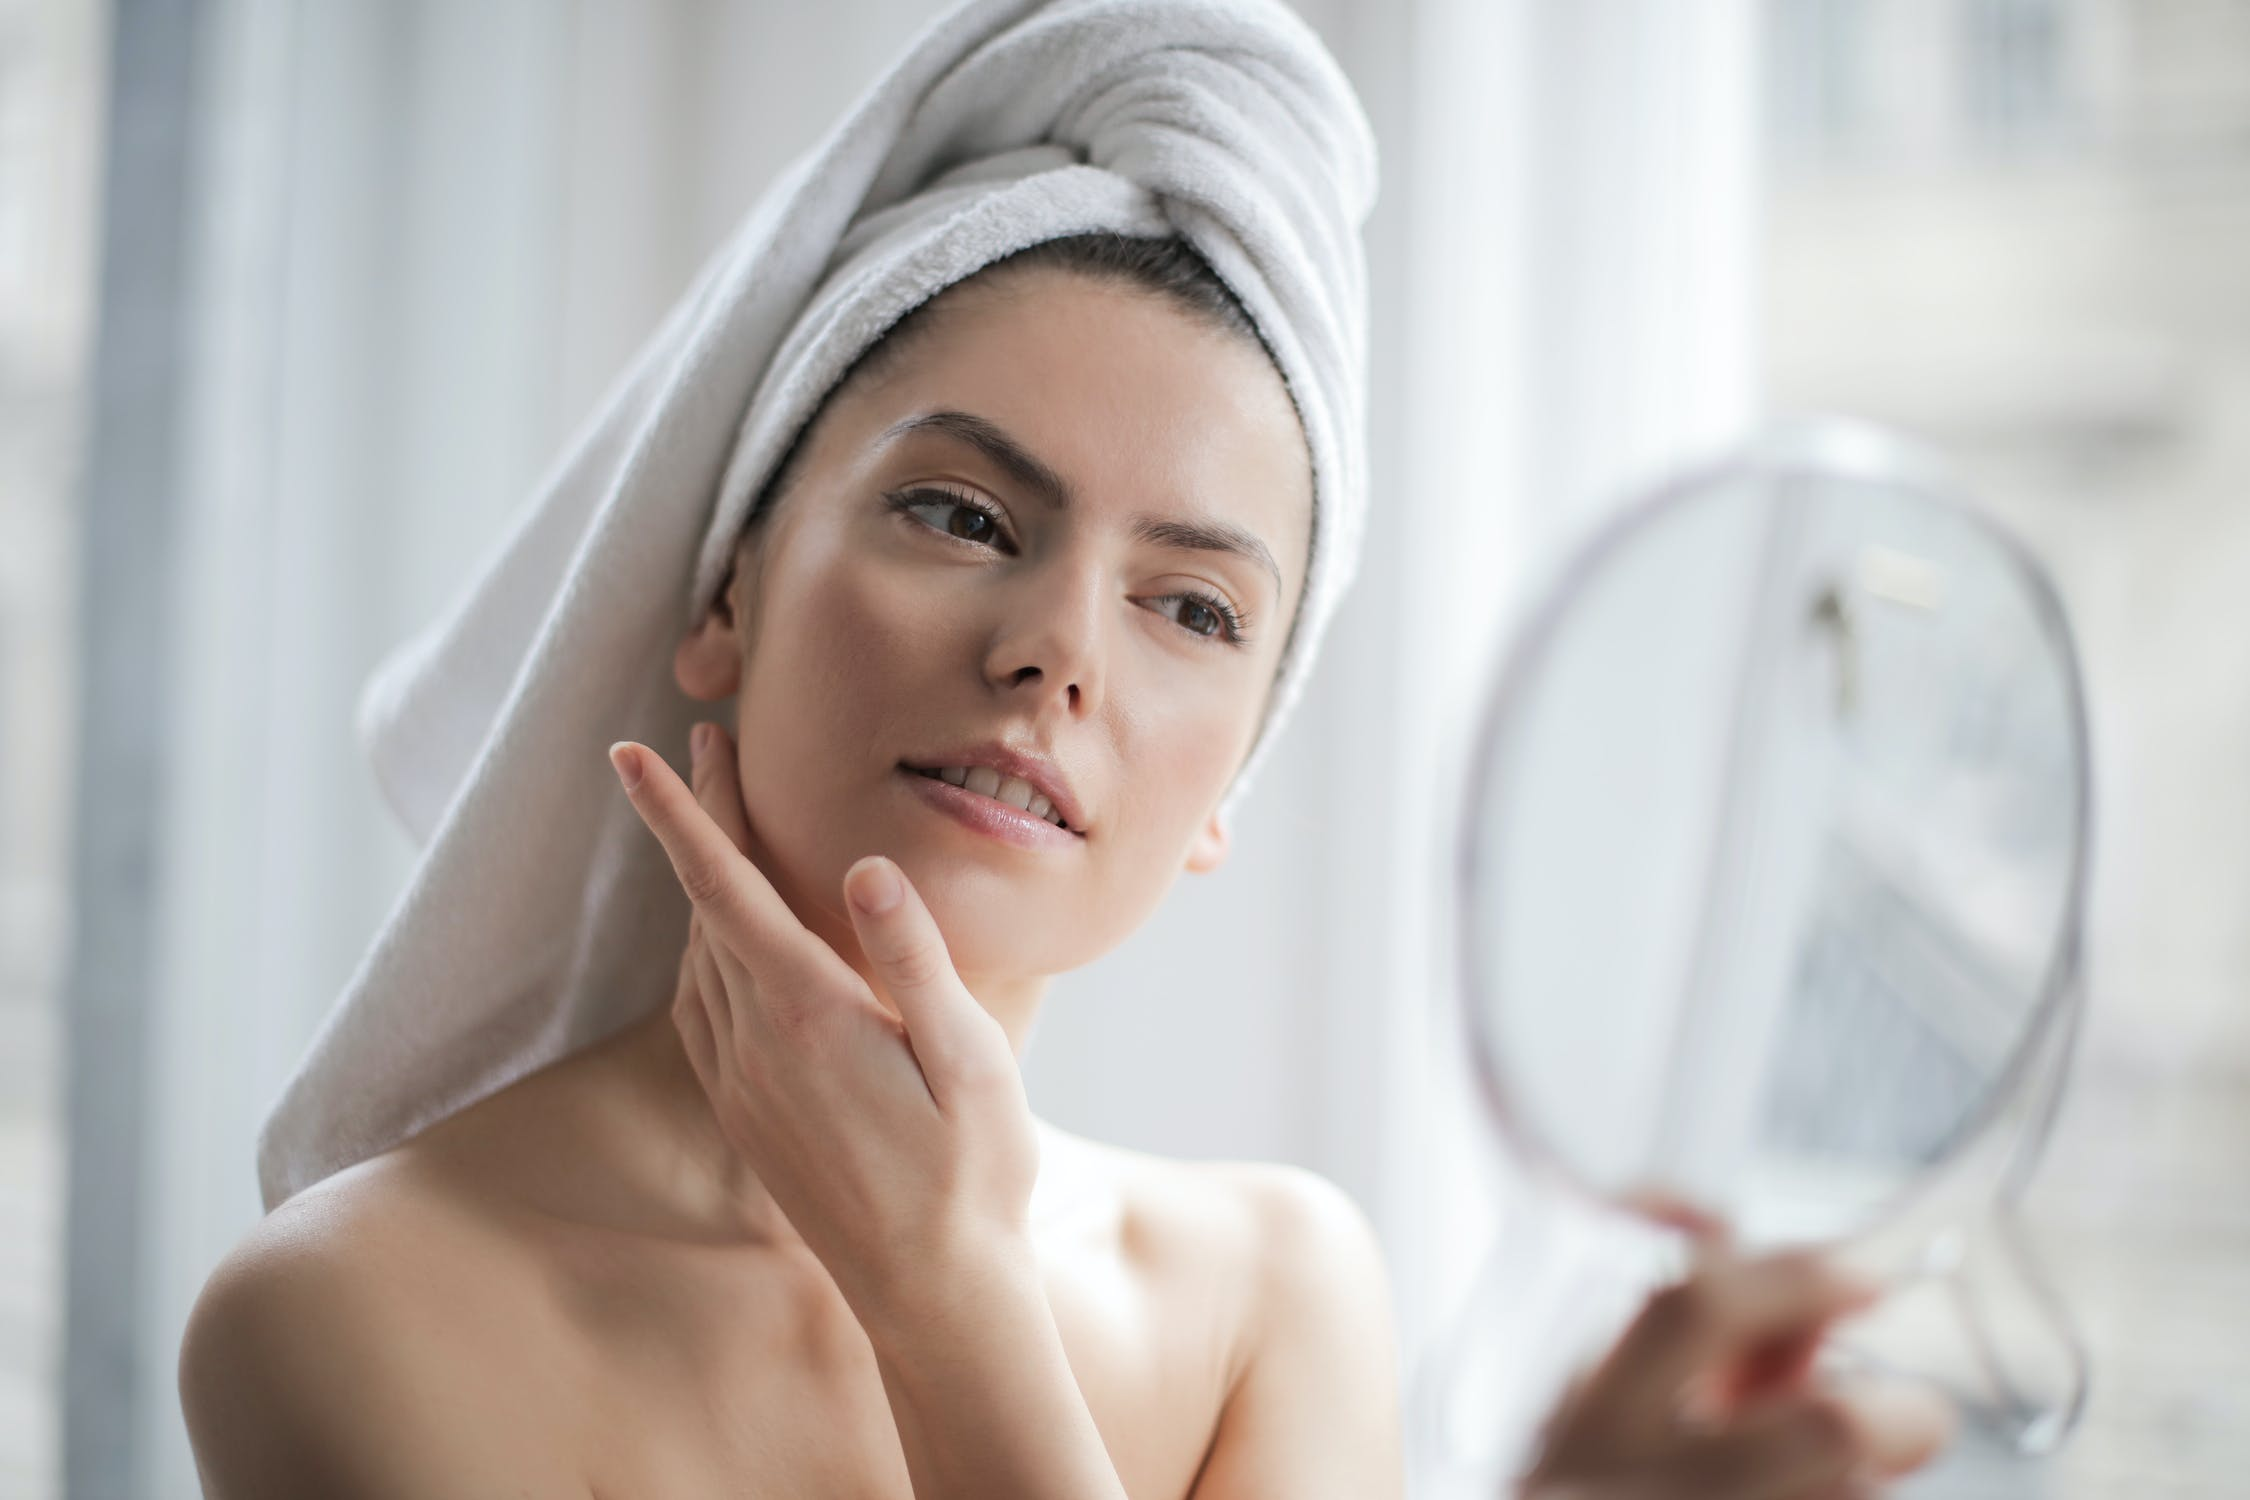 10 maneiras simples de melhorar sua saúde da pele - Guia 2020 30